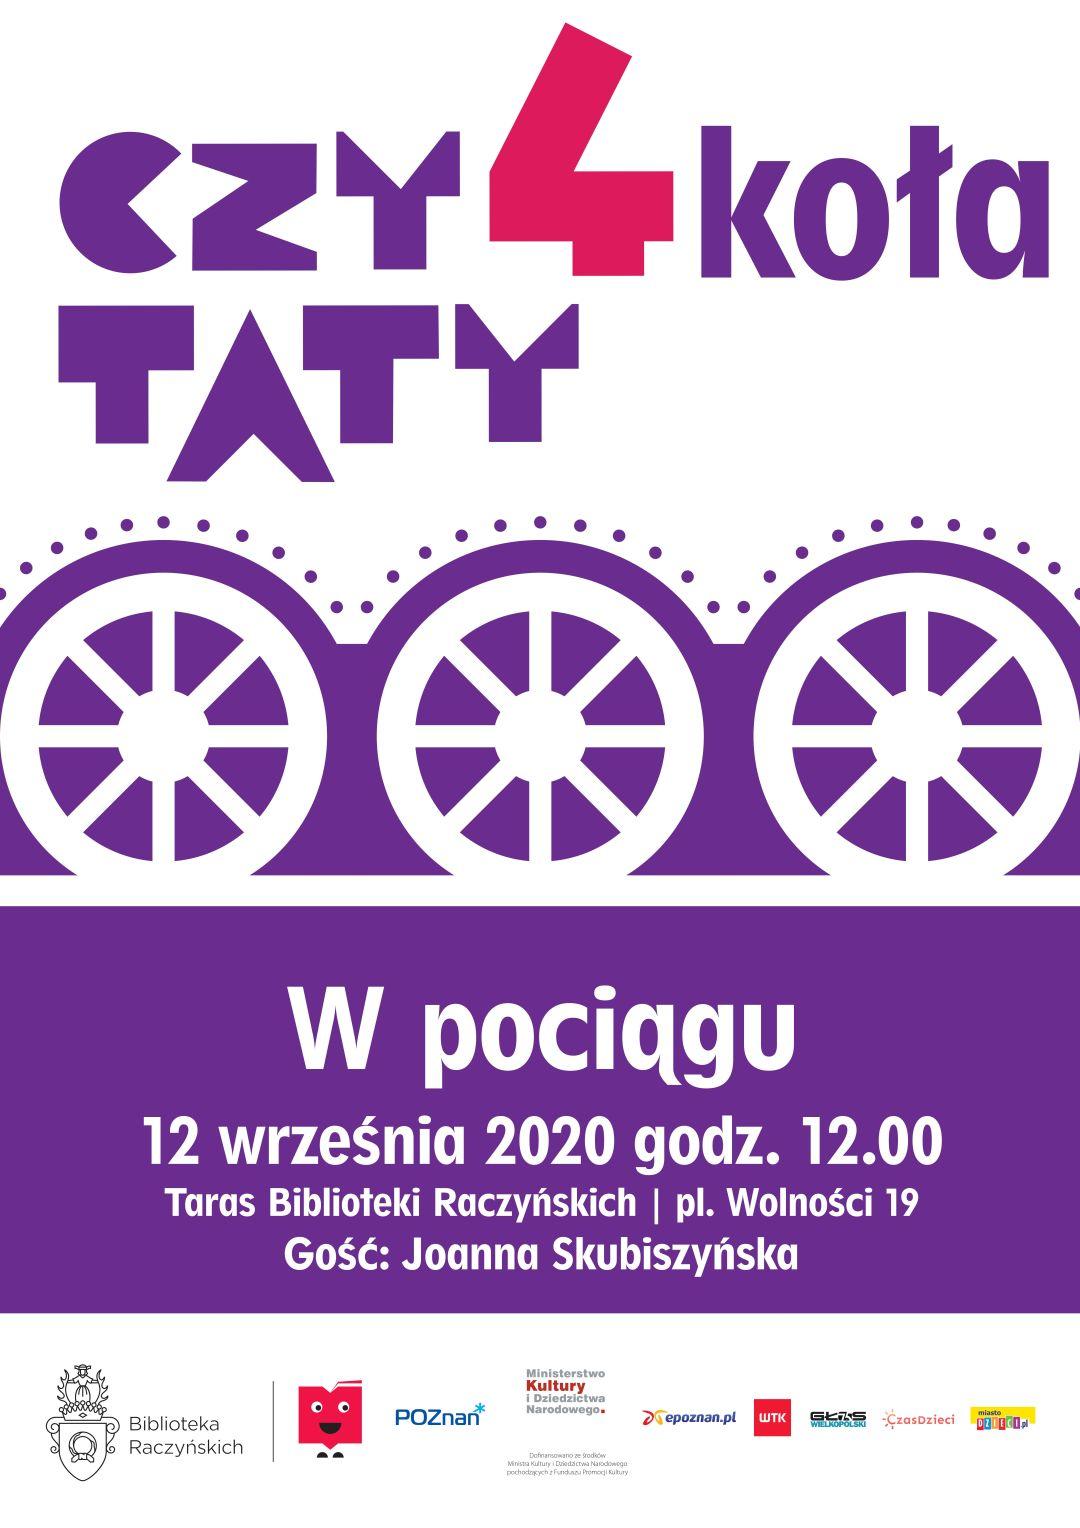 Plakat zapraszający na spotkanie Czytaty4 koła